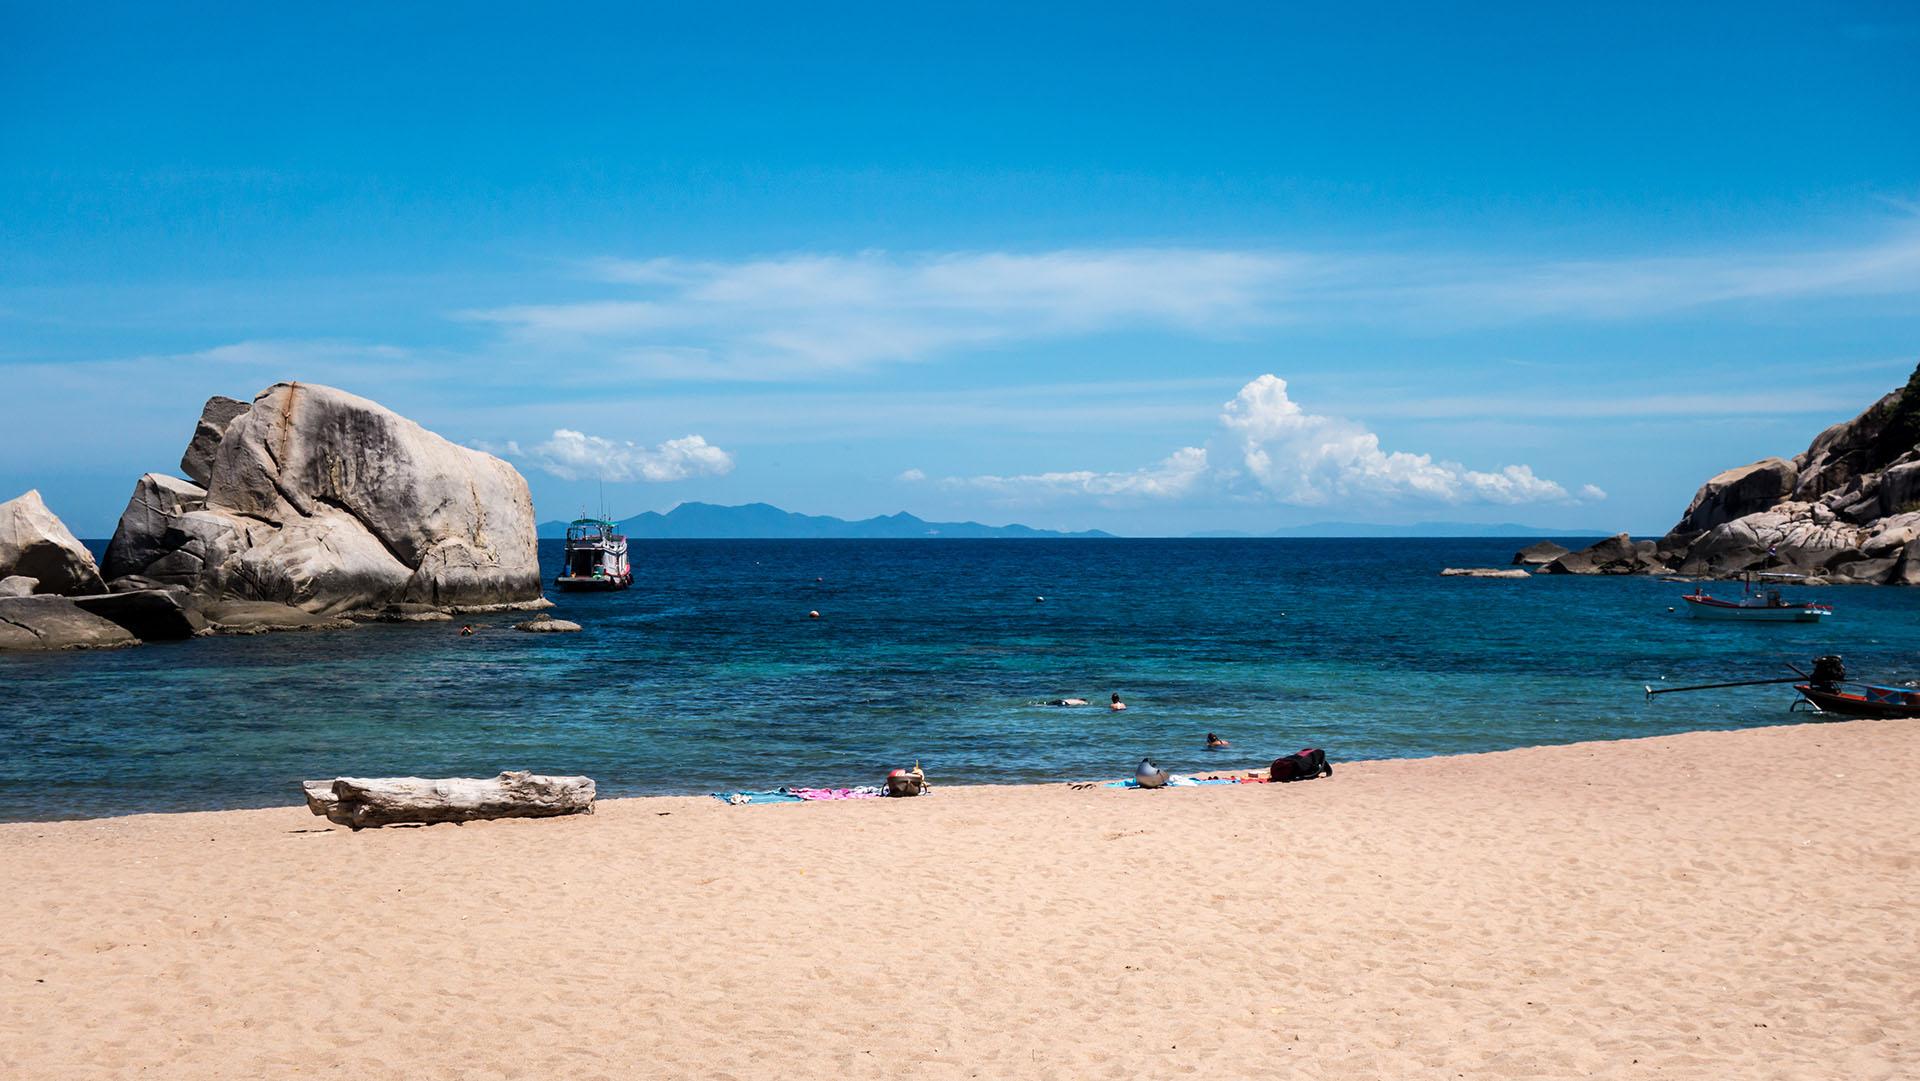 Esta tranquila isla en el Golfo de Tailandia tiene muchas bahías protegidas, pero la bahía de Tanot es la más famosa por sus aguas de temperatura cálida y el color azul que permite practicar deportes acuáticos como búceo y snorkel